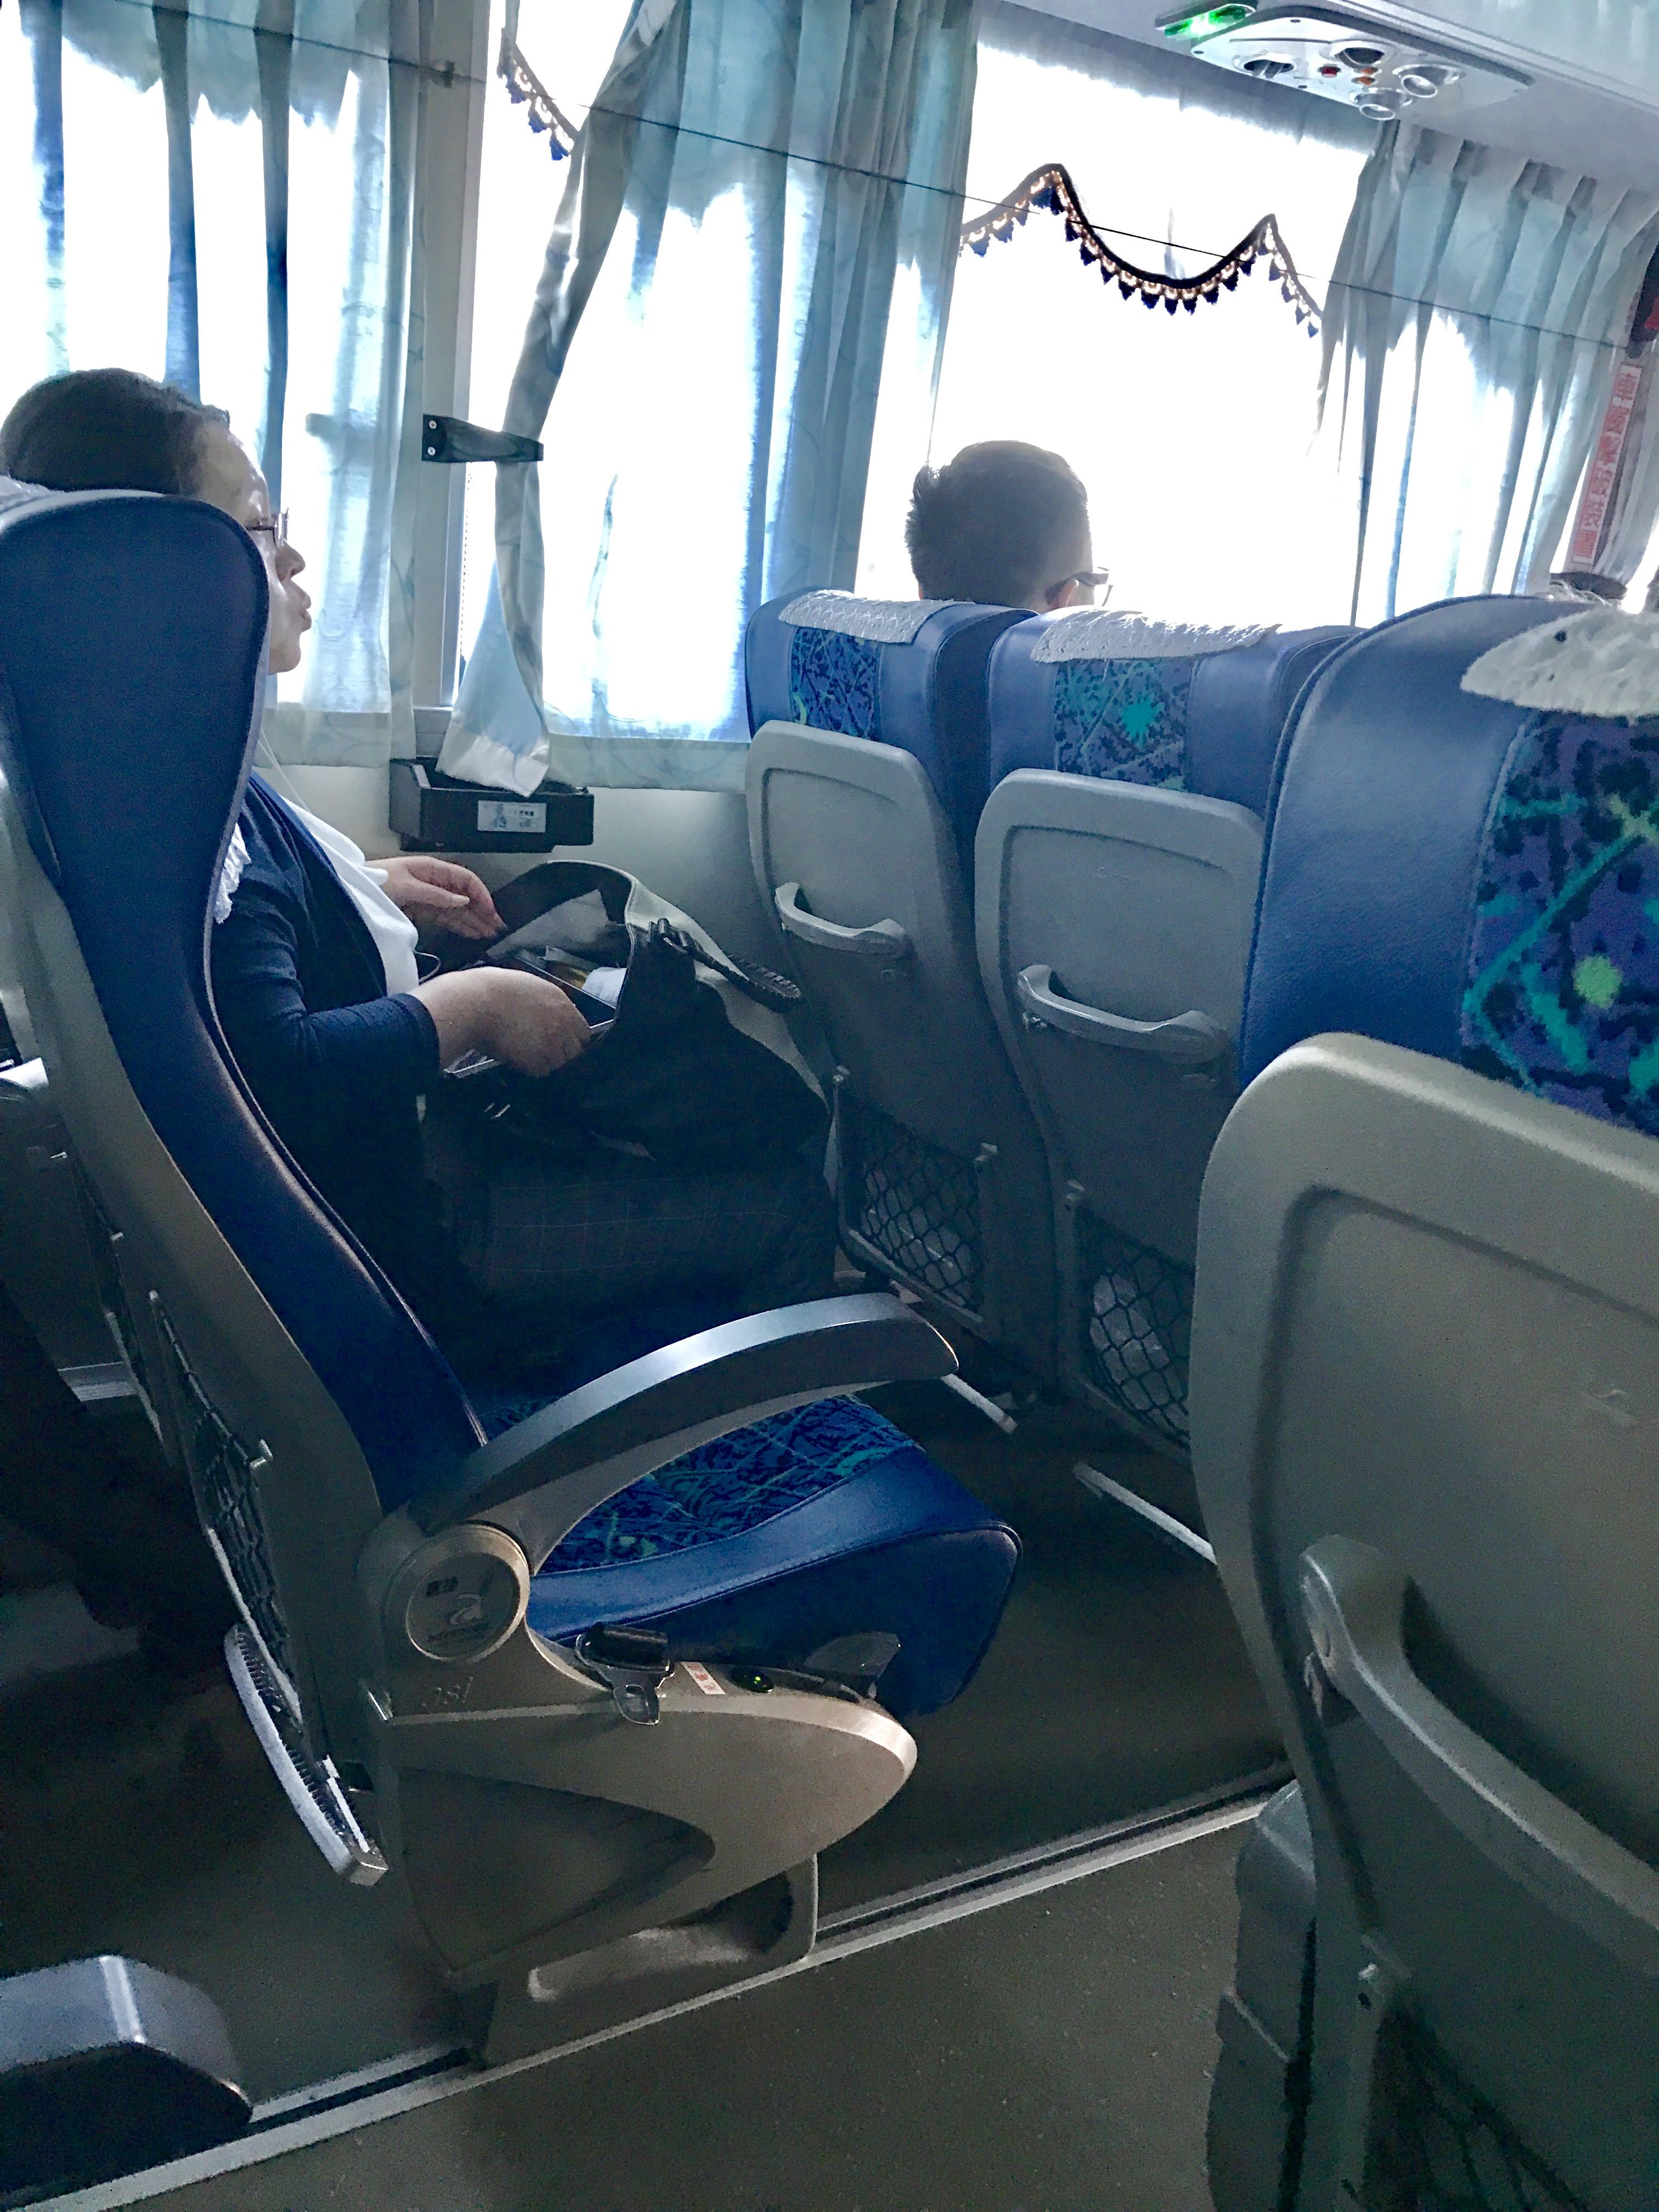 桃園空港から台北駅への移動のバス-座席